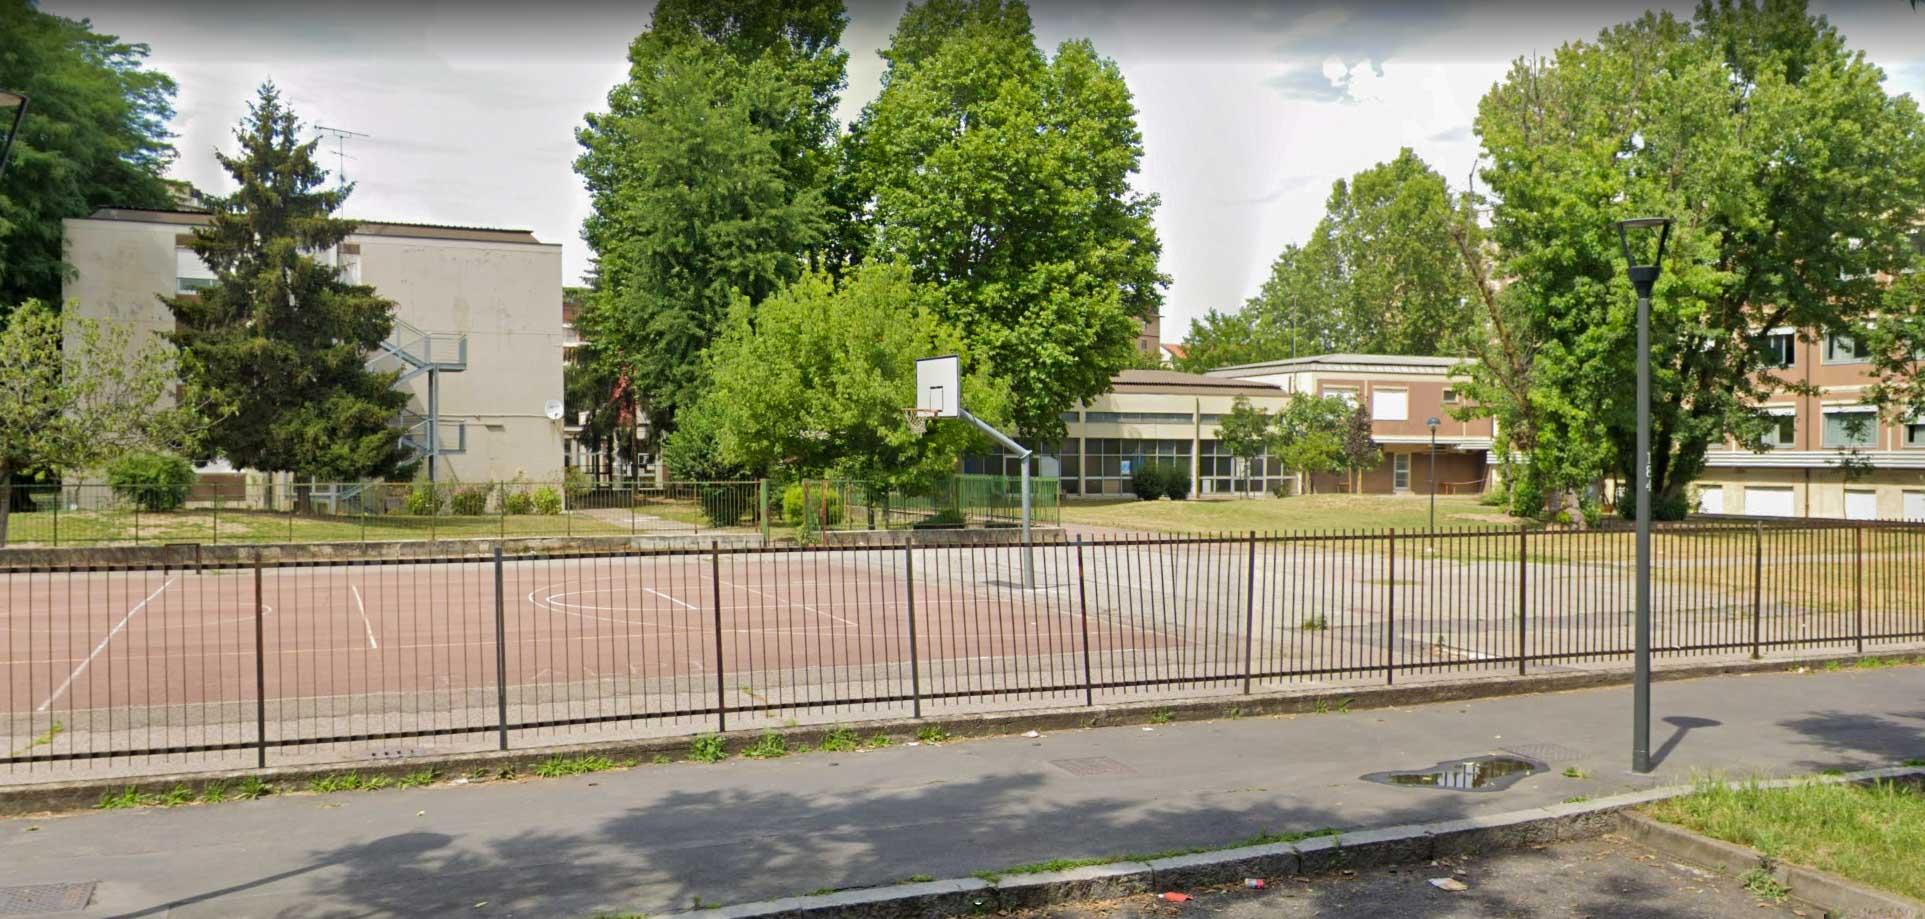 scuola primaria sandro pertini via salerno